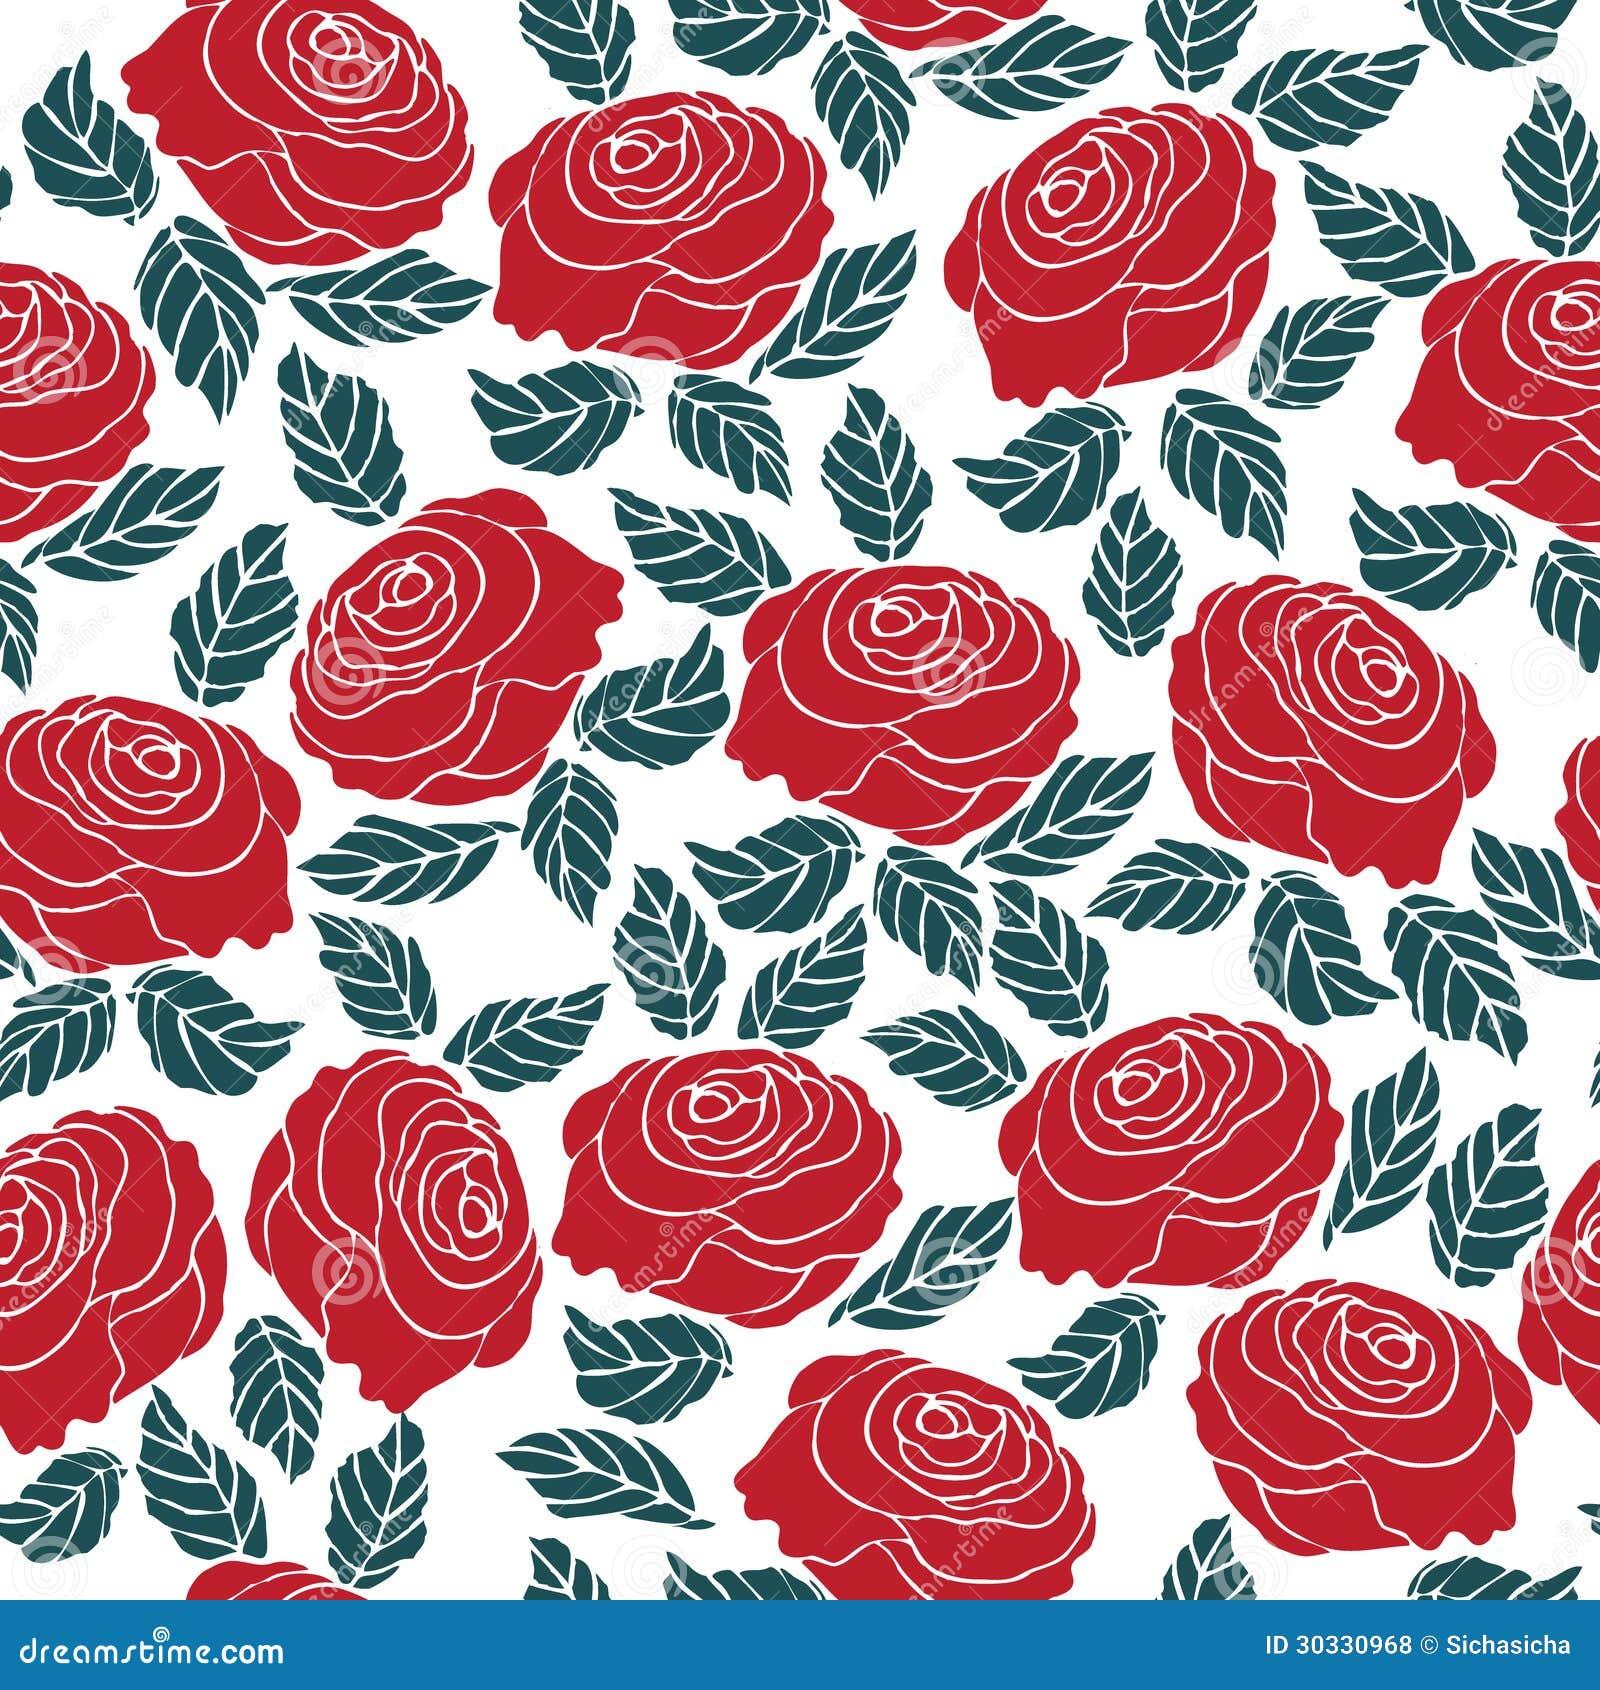 Wallpaper pattern red rose